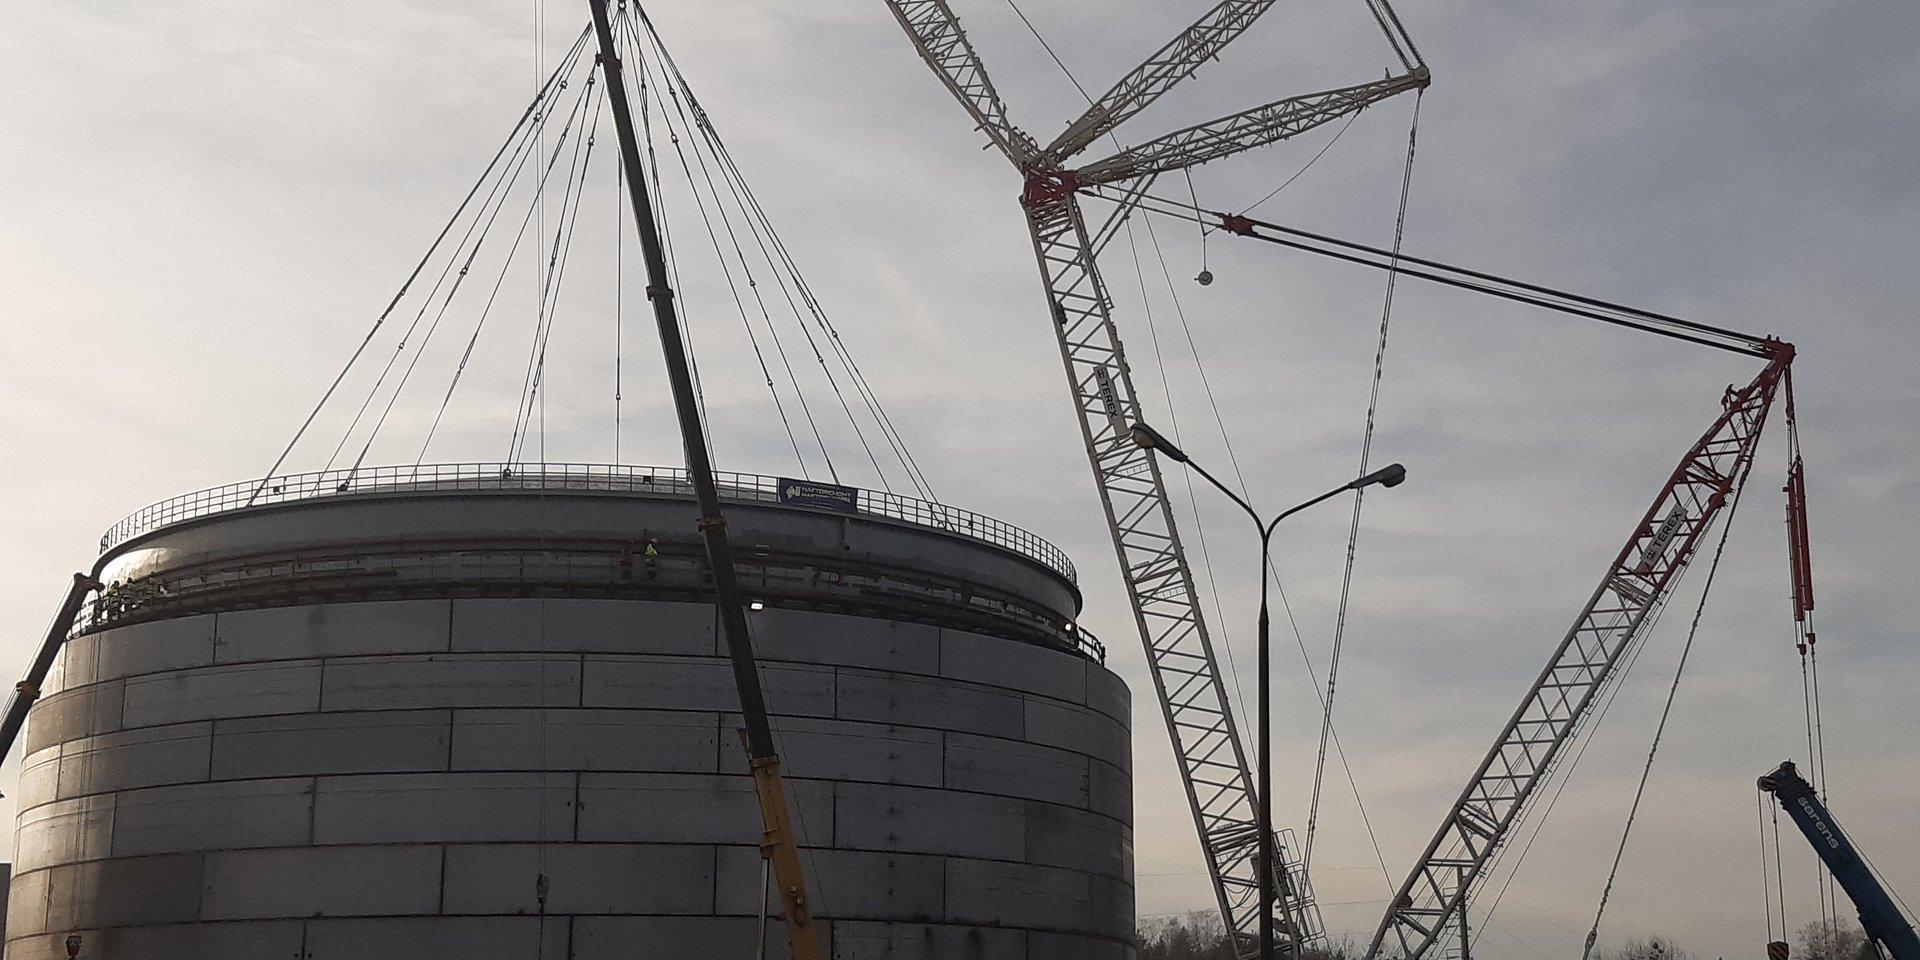 Dobra wiadomość dla rynku paliw – PERN kończy kolejną ważną inwestycję